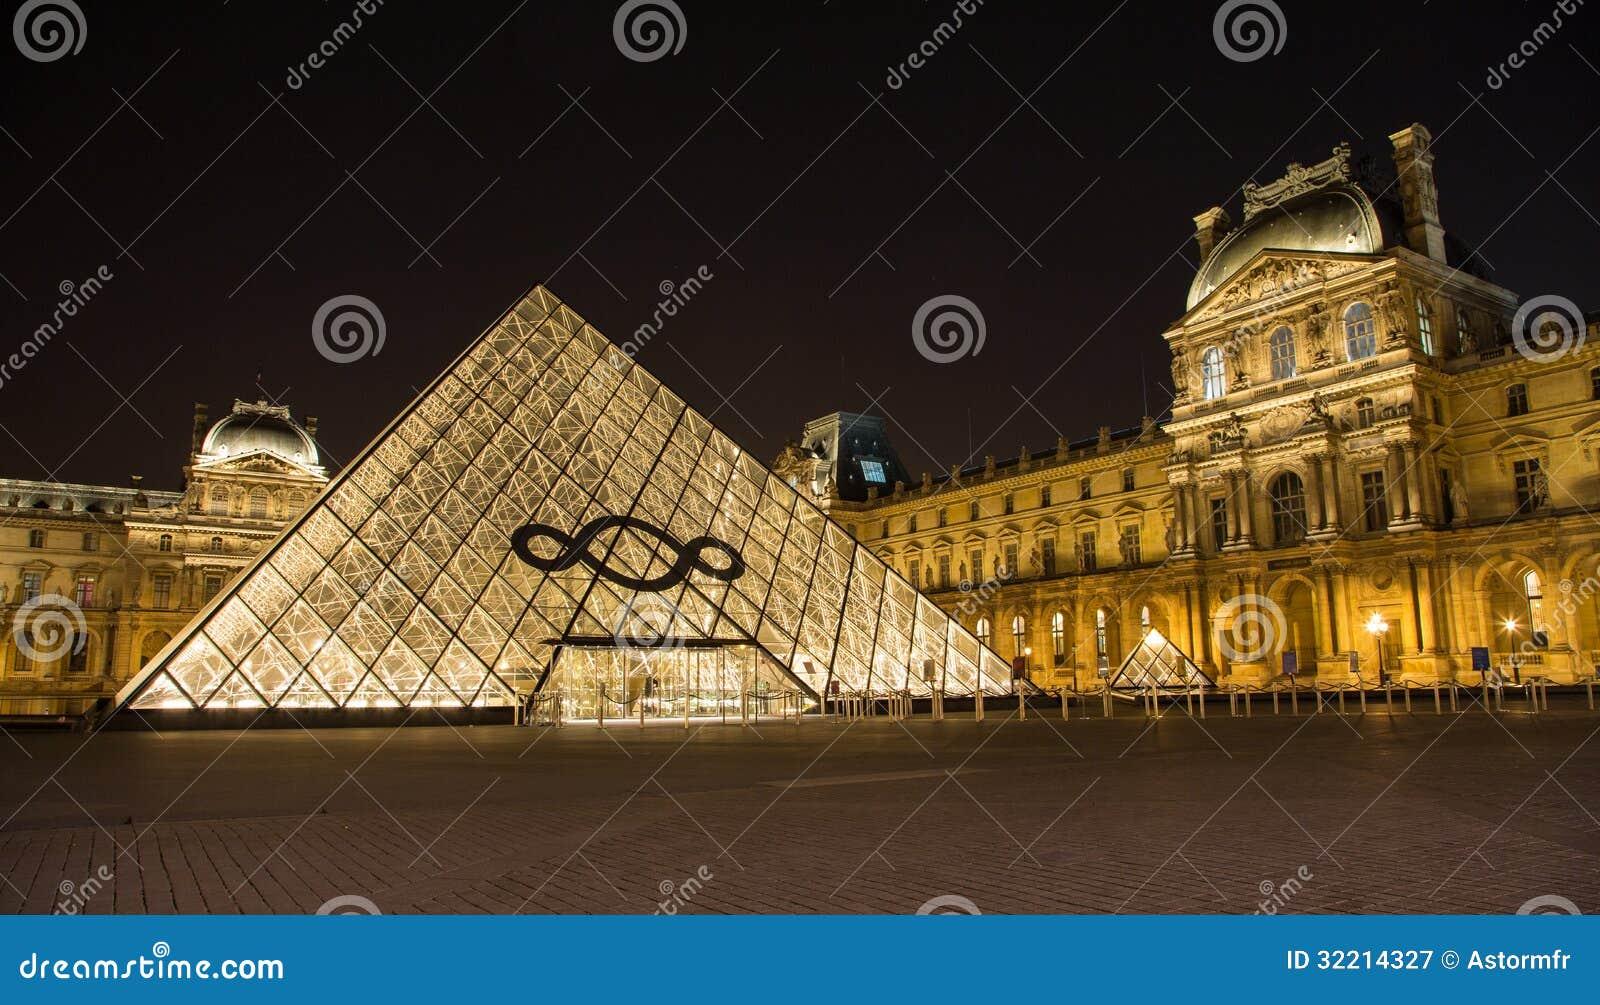 Das Louvre von Paris in Frankreich bis zum Nacht